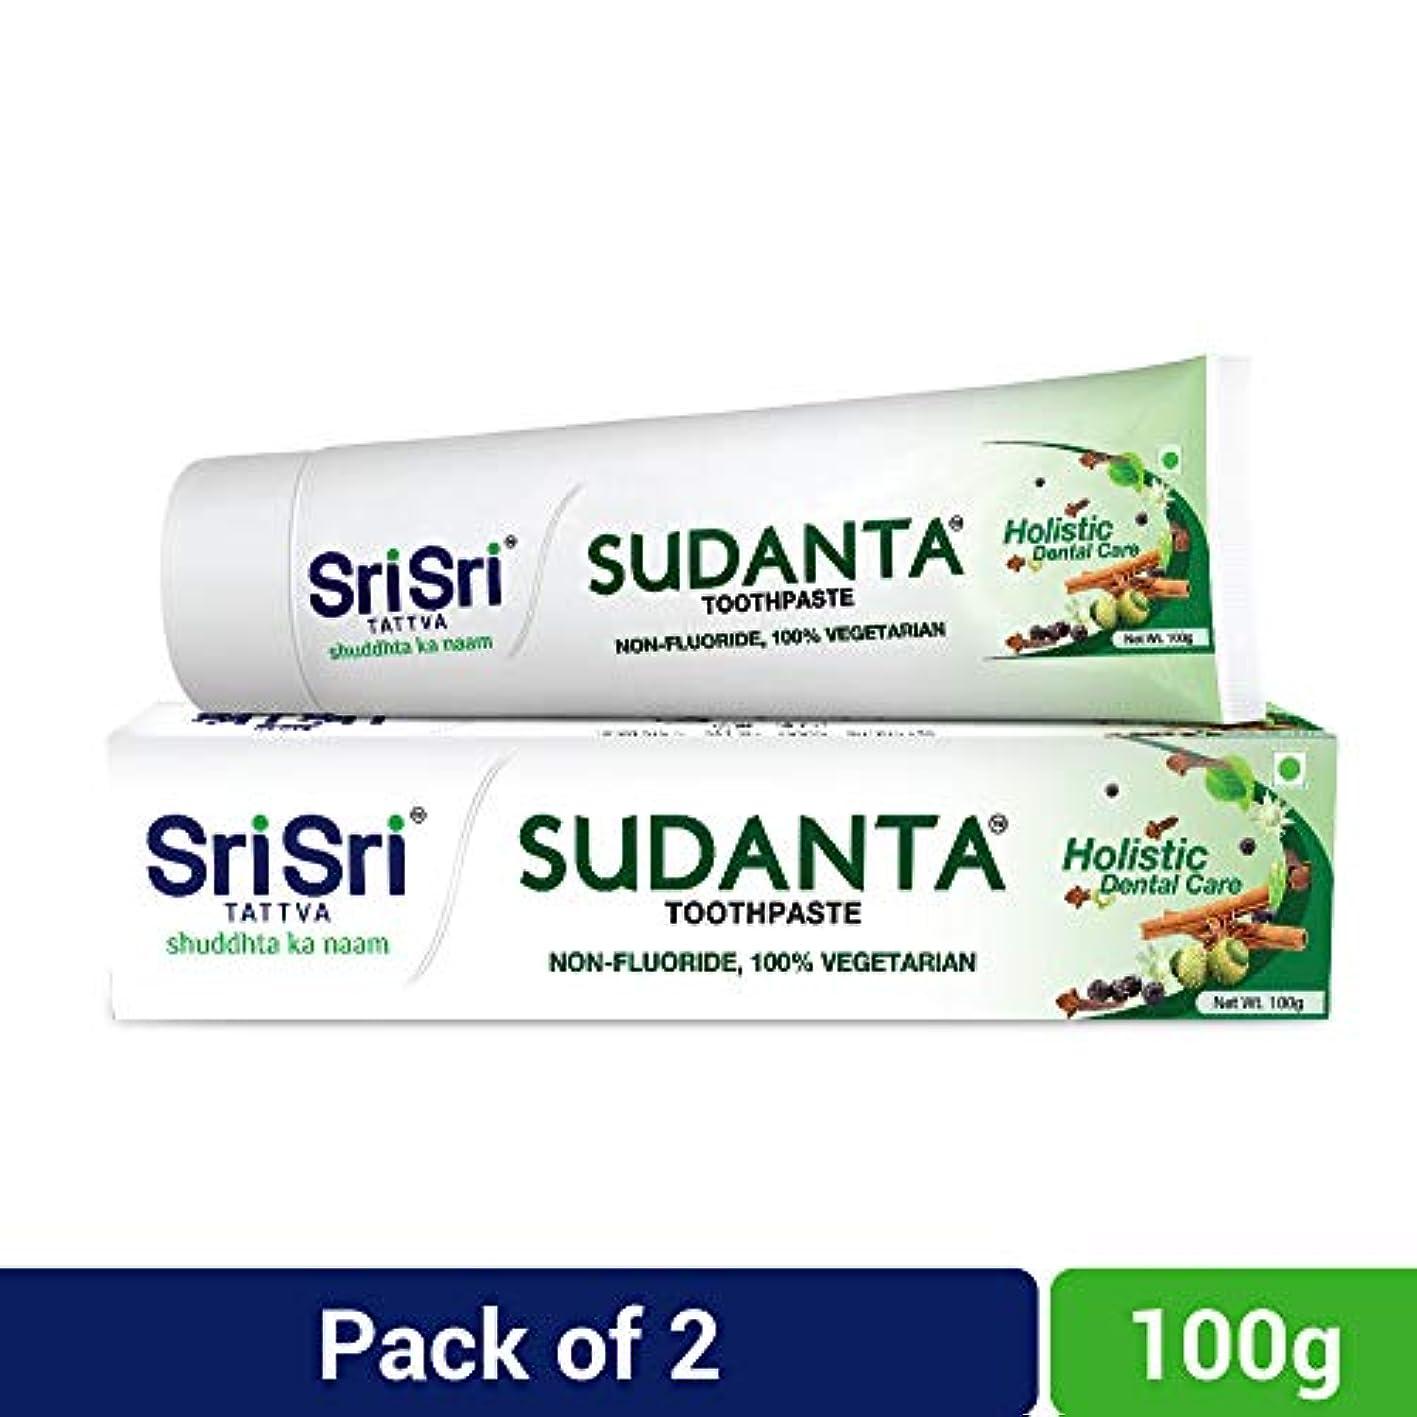 氏ベルト逃れるSri Sri Tattva Sudanta Toothpaste, 200gm (100 x Pack of 2)